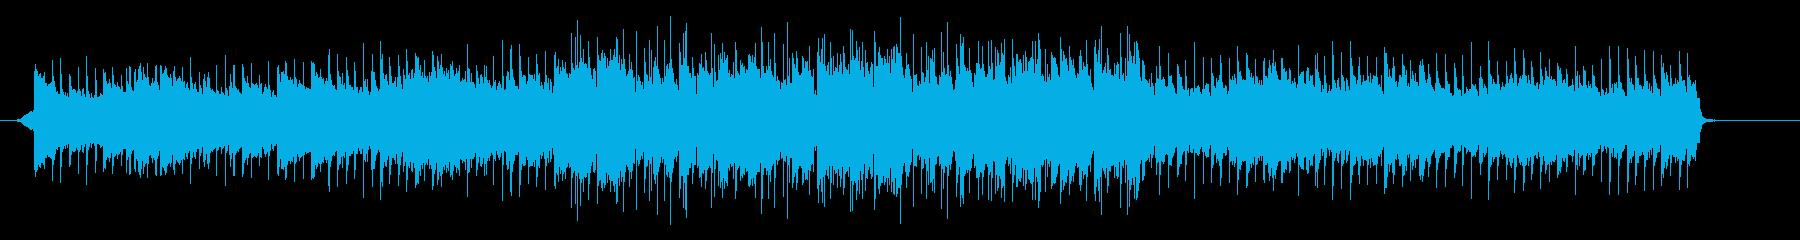 ピアノループを中心とした前向きになれる曲の再生済みの波形